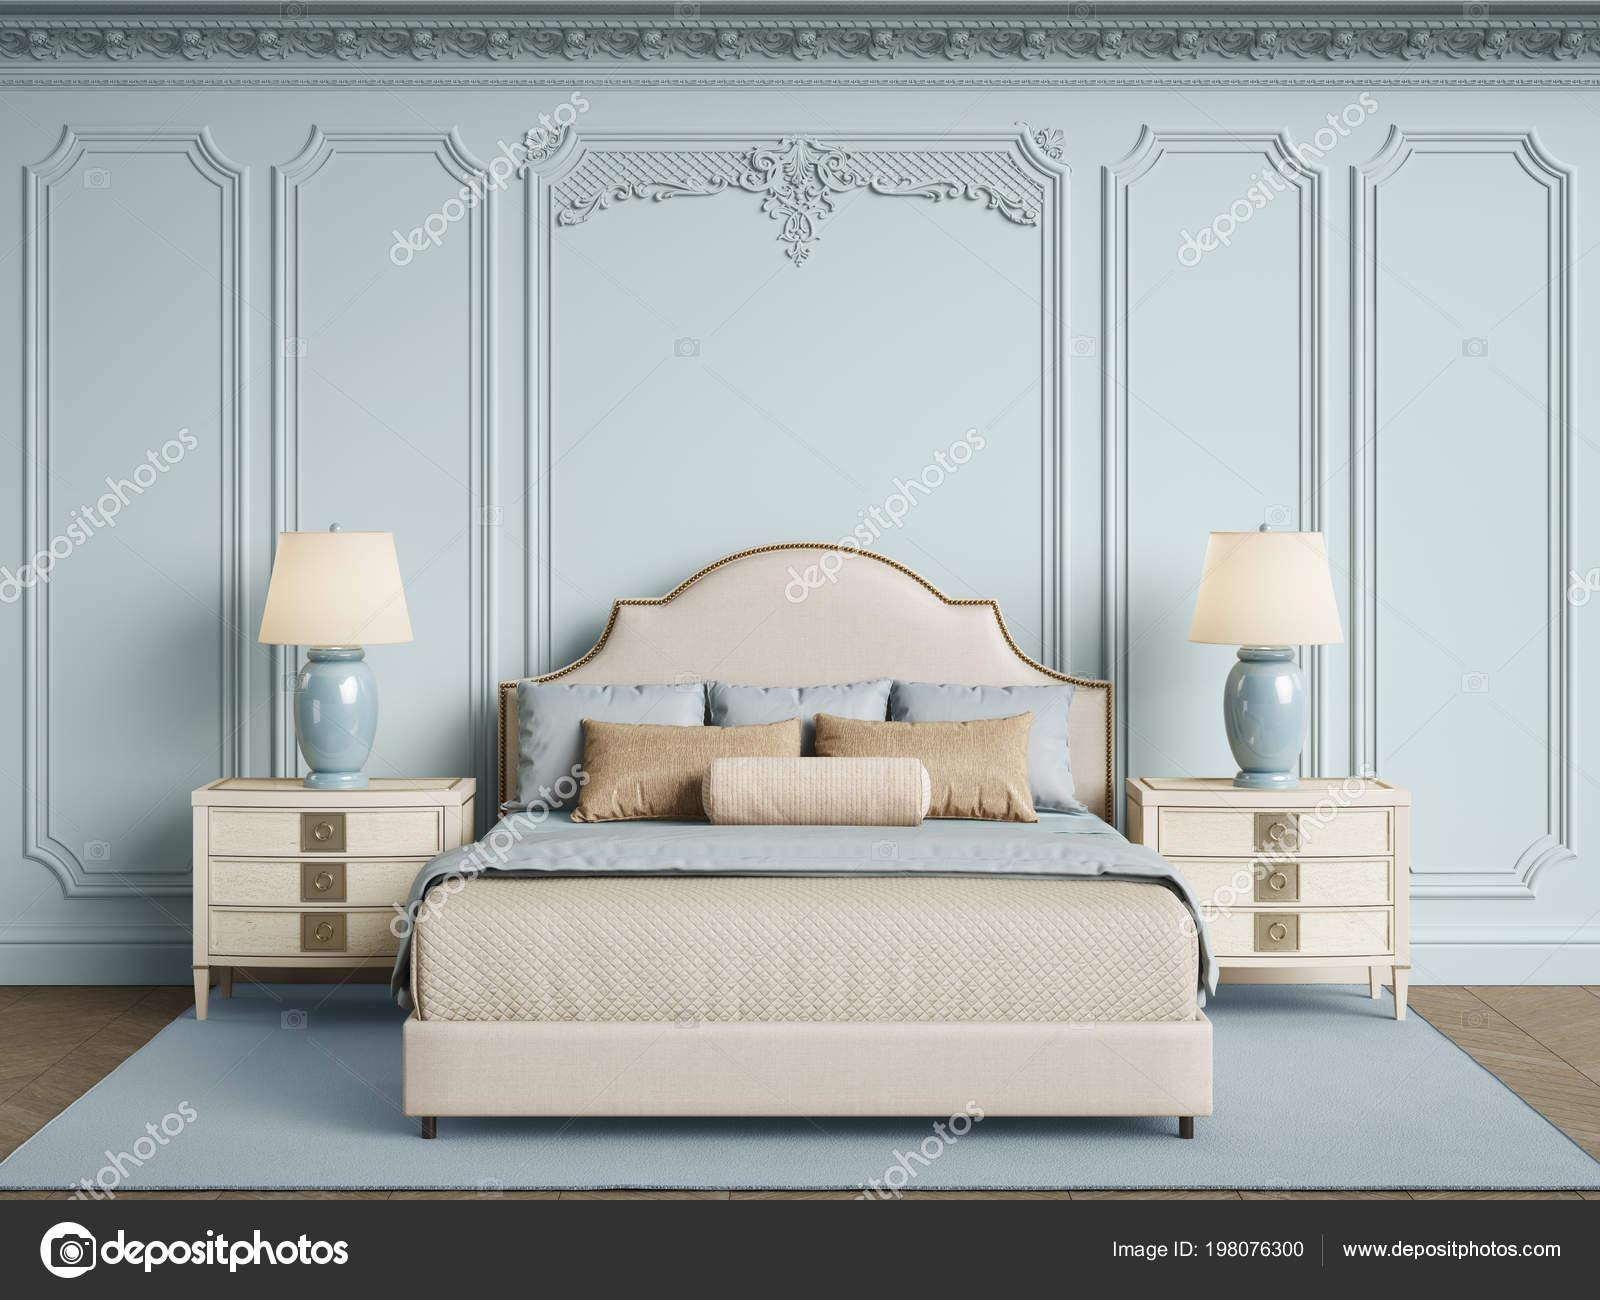 meubles chambre coucher classique interieur classique murs avec moulures corniche photo